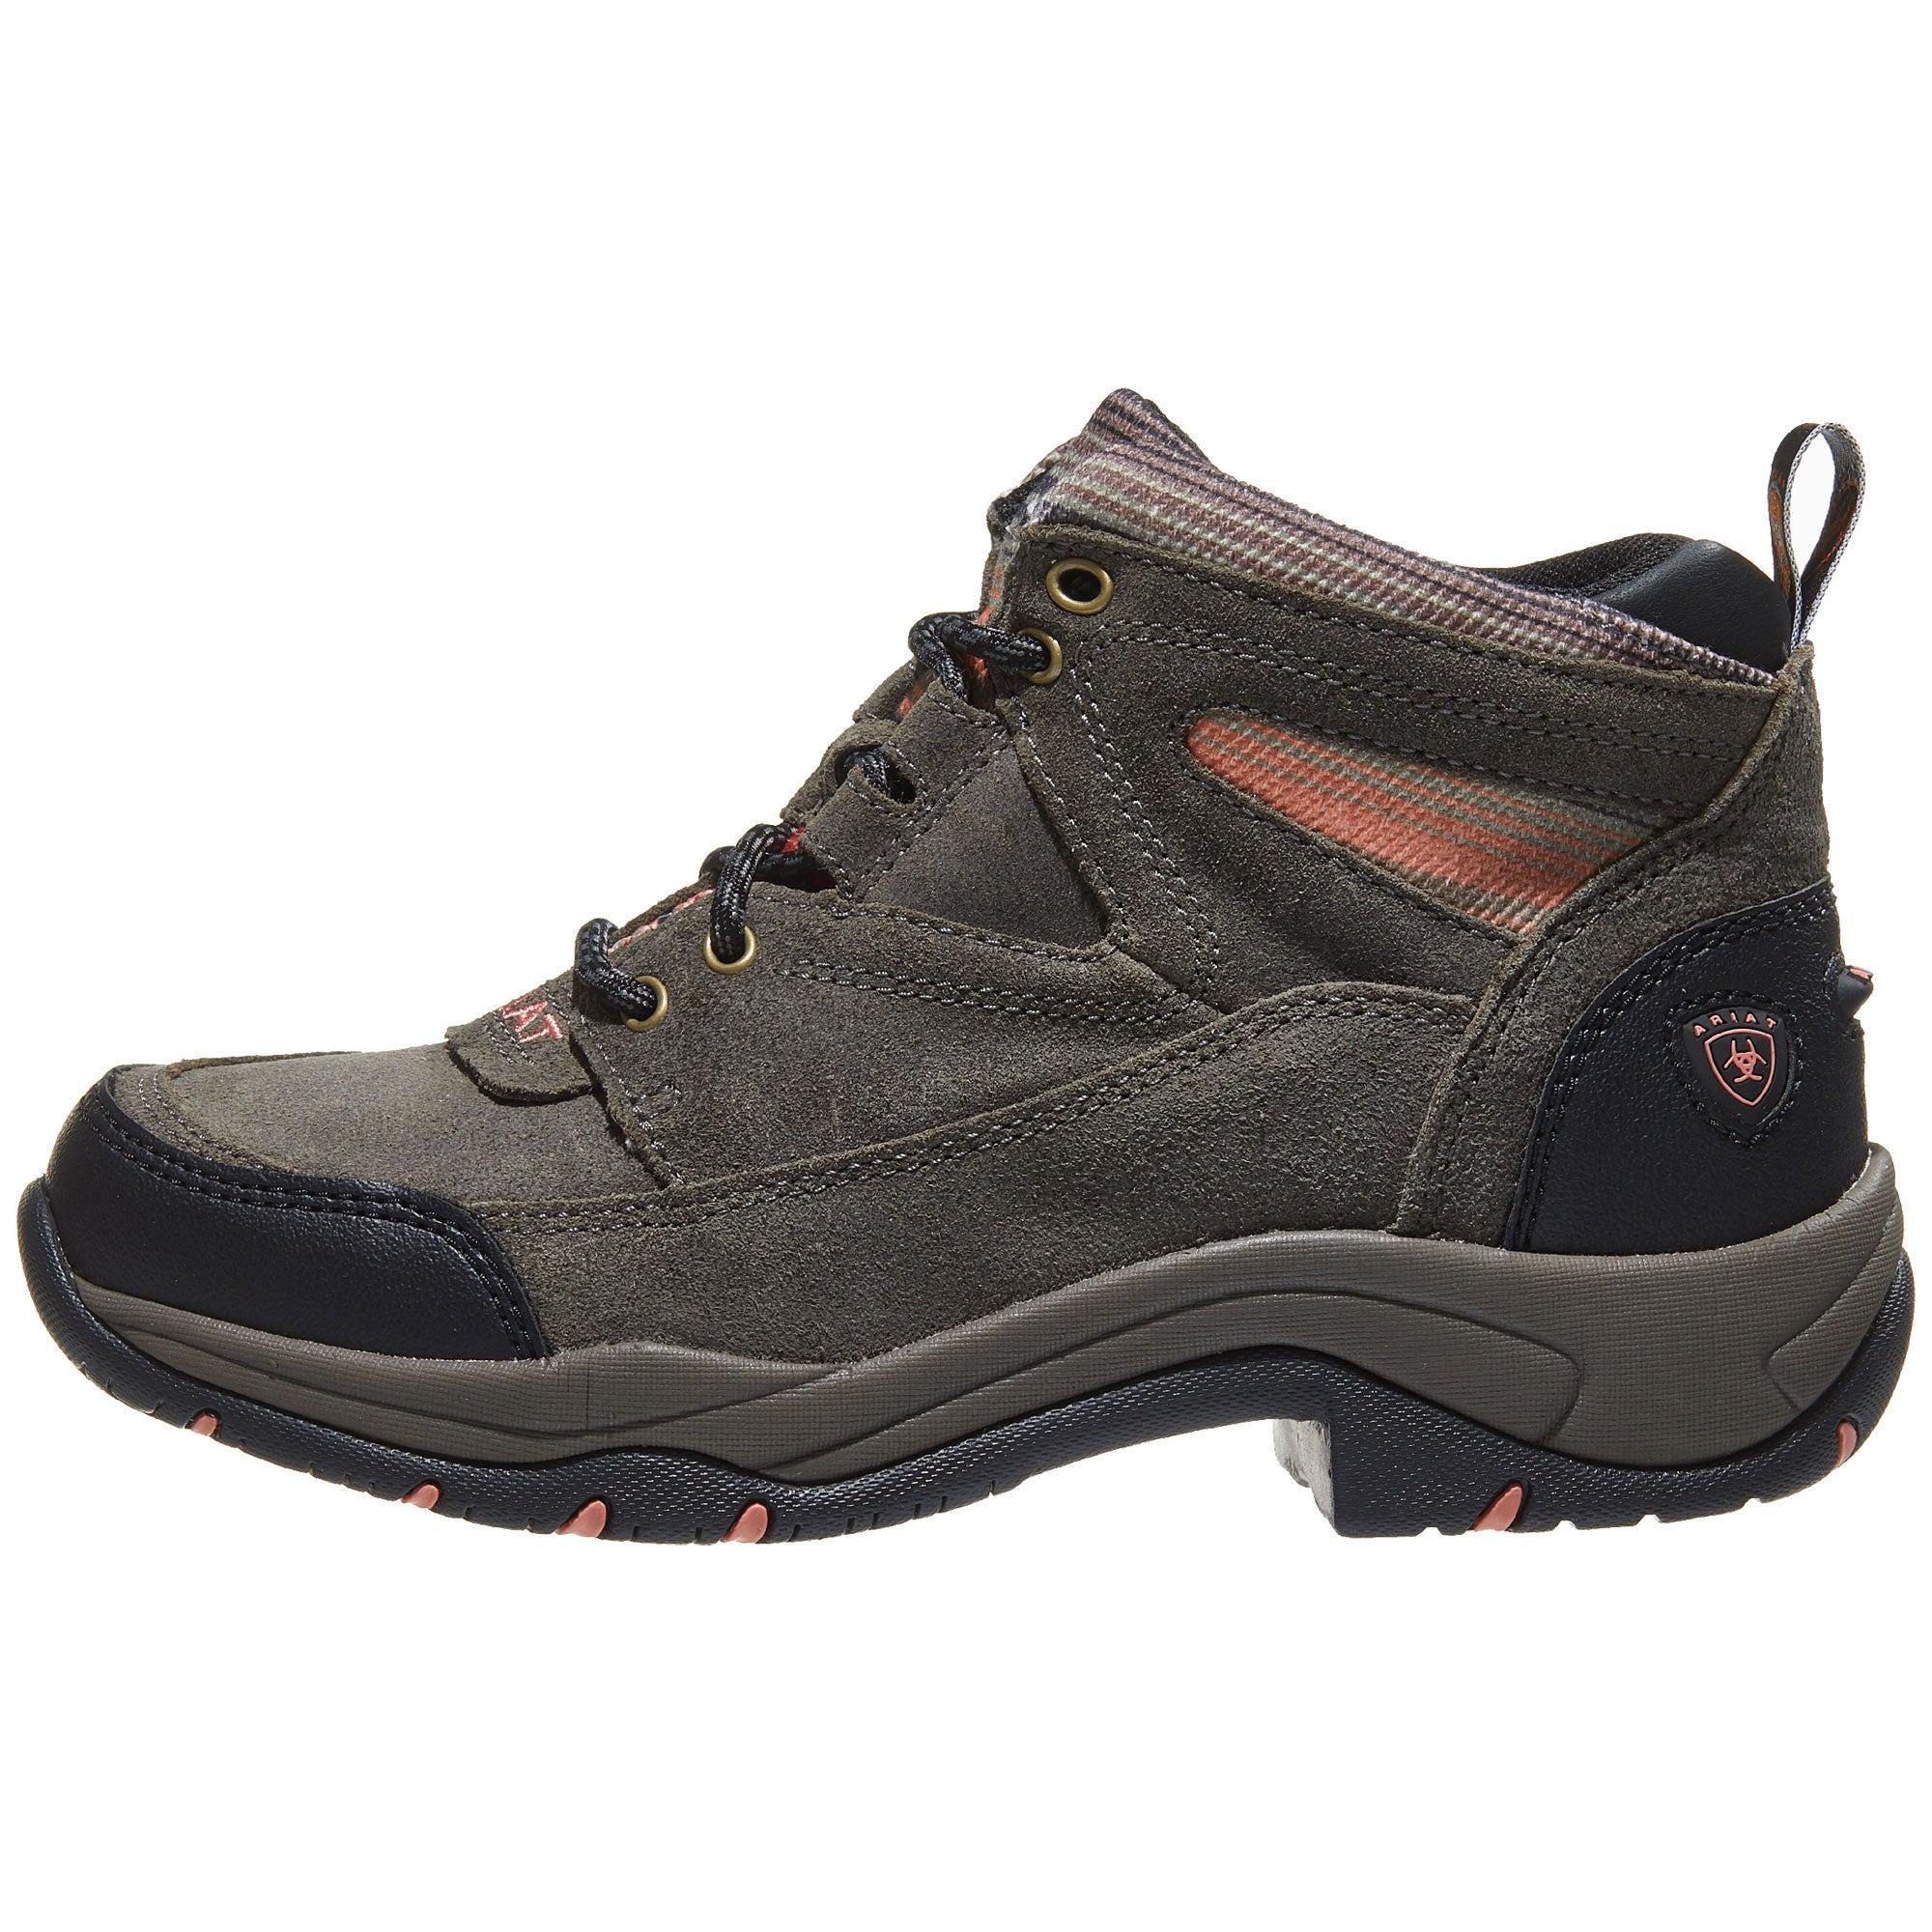 Dusk Grey: Ariat Terrain Endurance Serape Dusk Grey Women's Boots